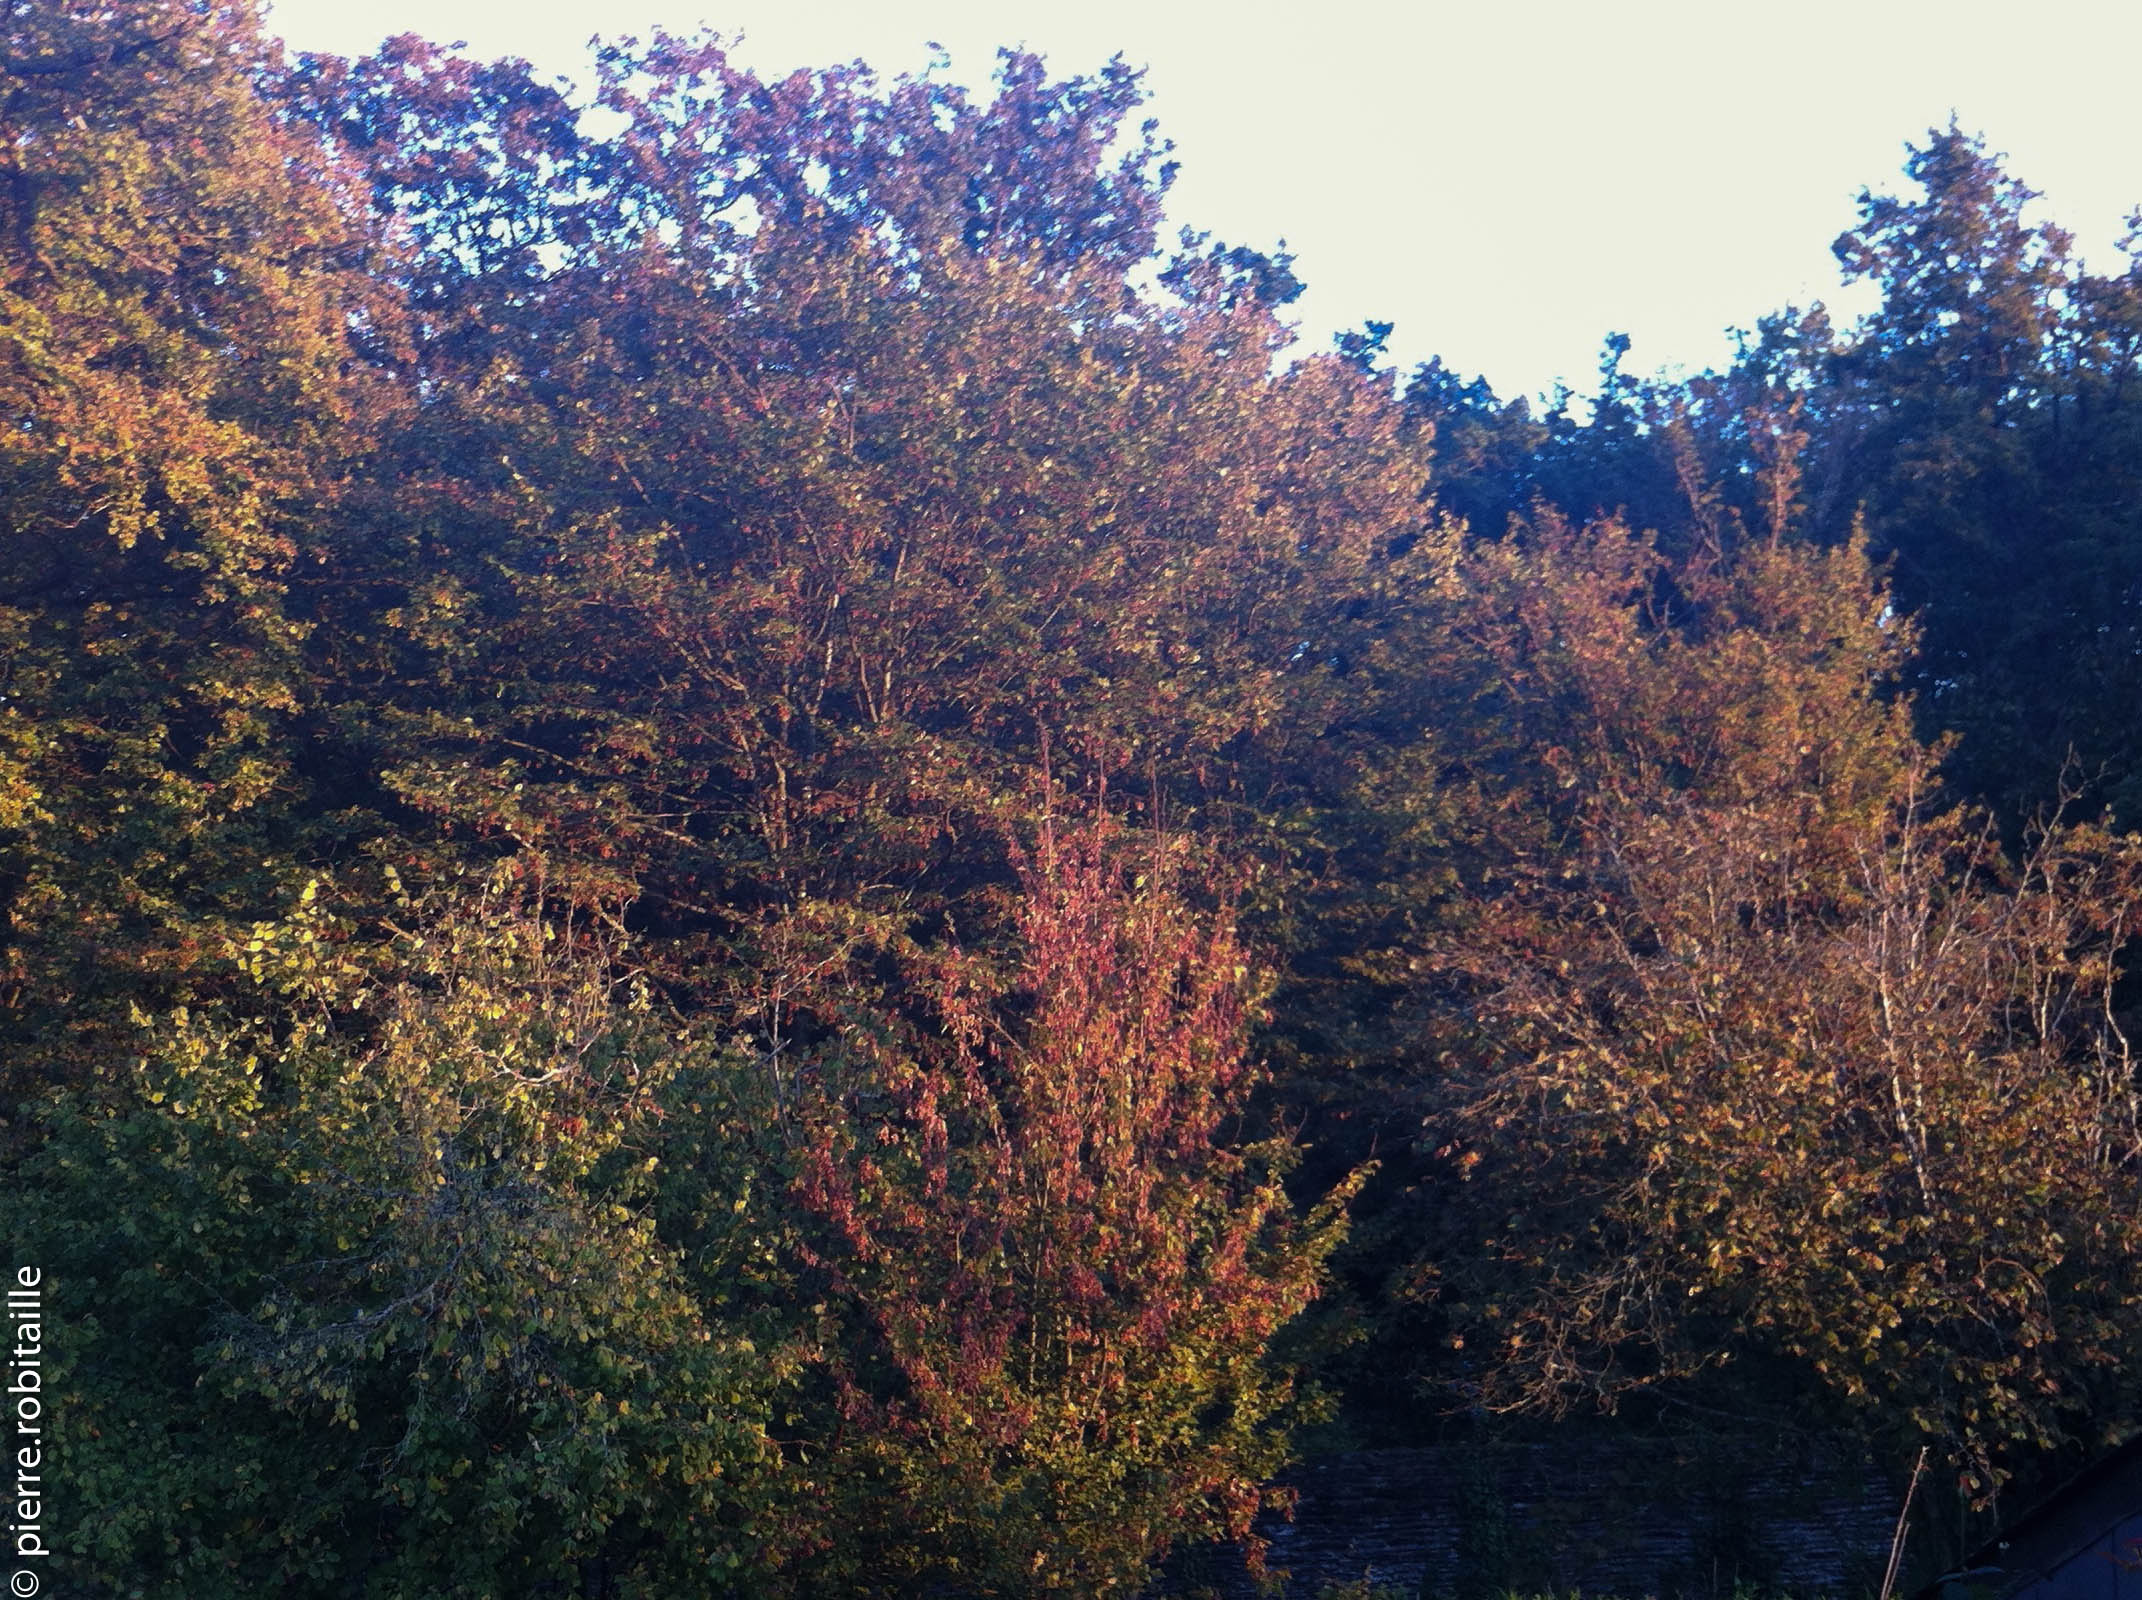 L'automne arrive !